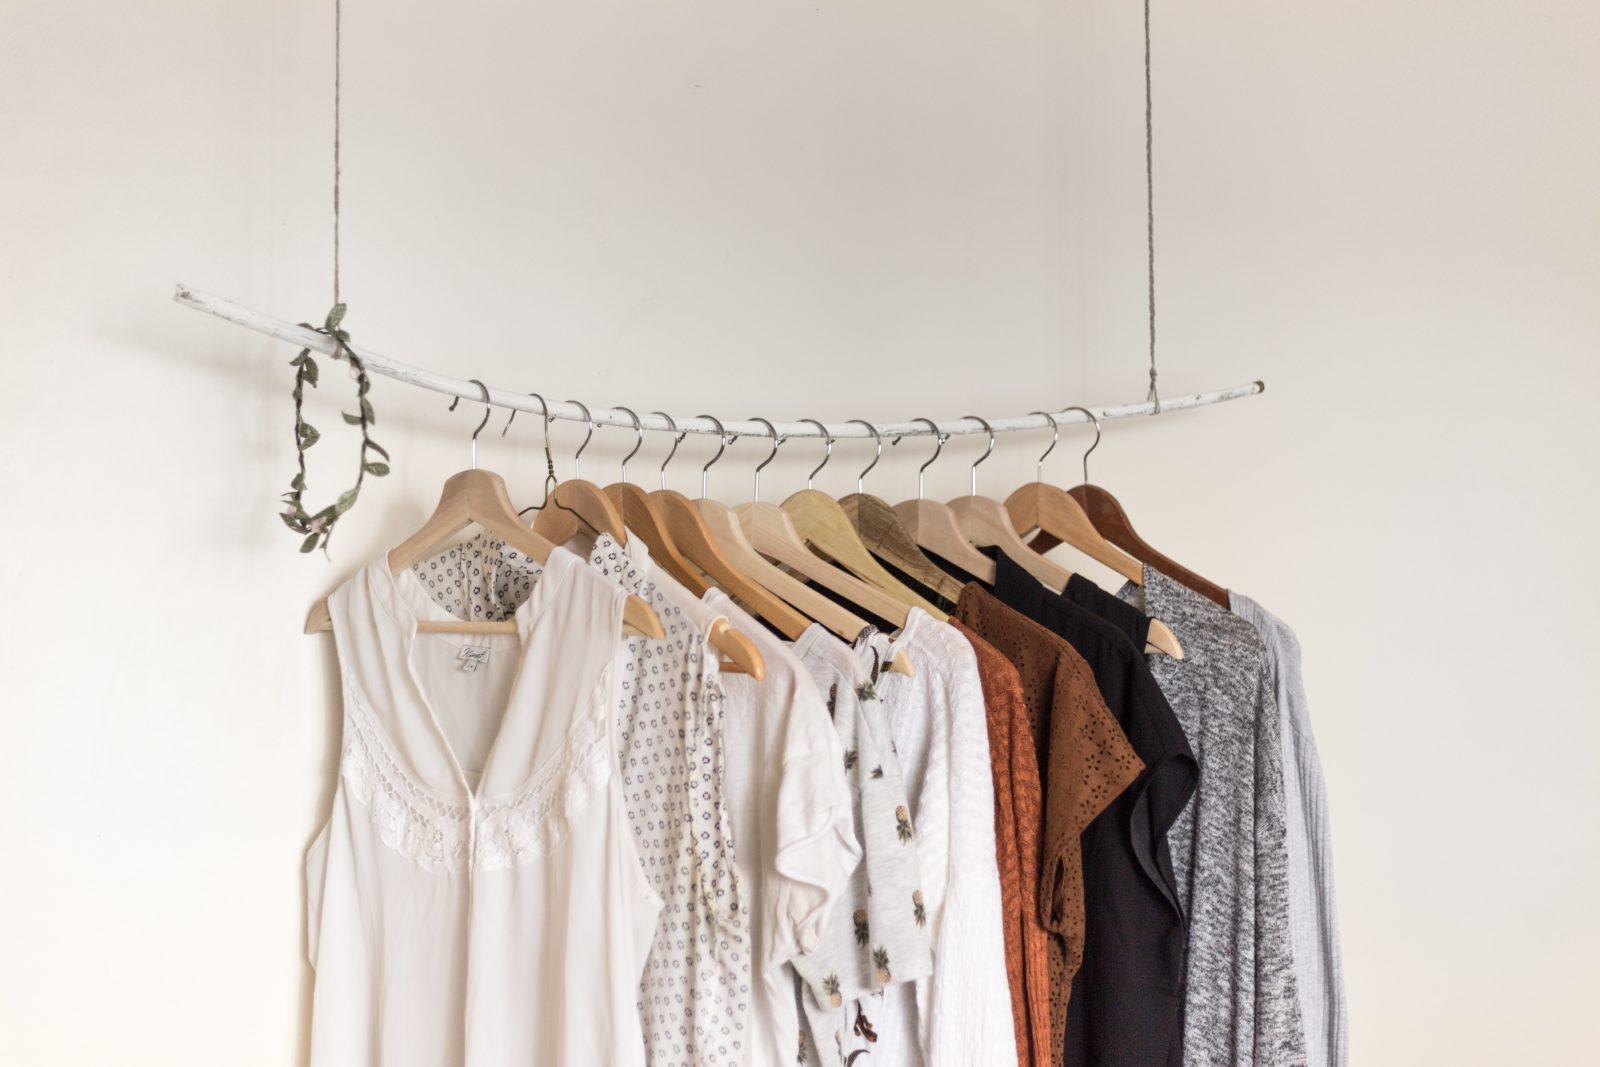 Les basiques de la garde-robe indispensables pour vous. Des intemporels qui ne vous laisseront jamais tomber.